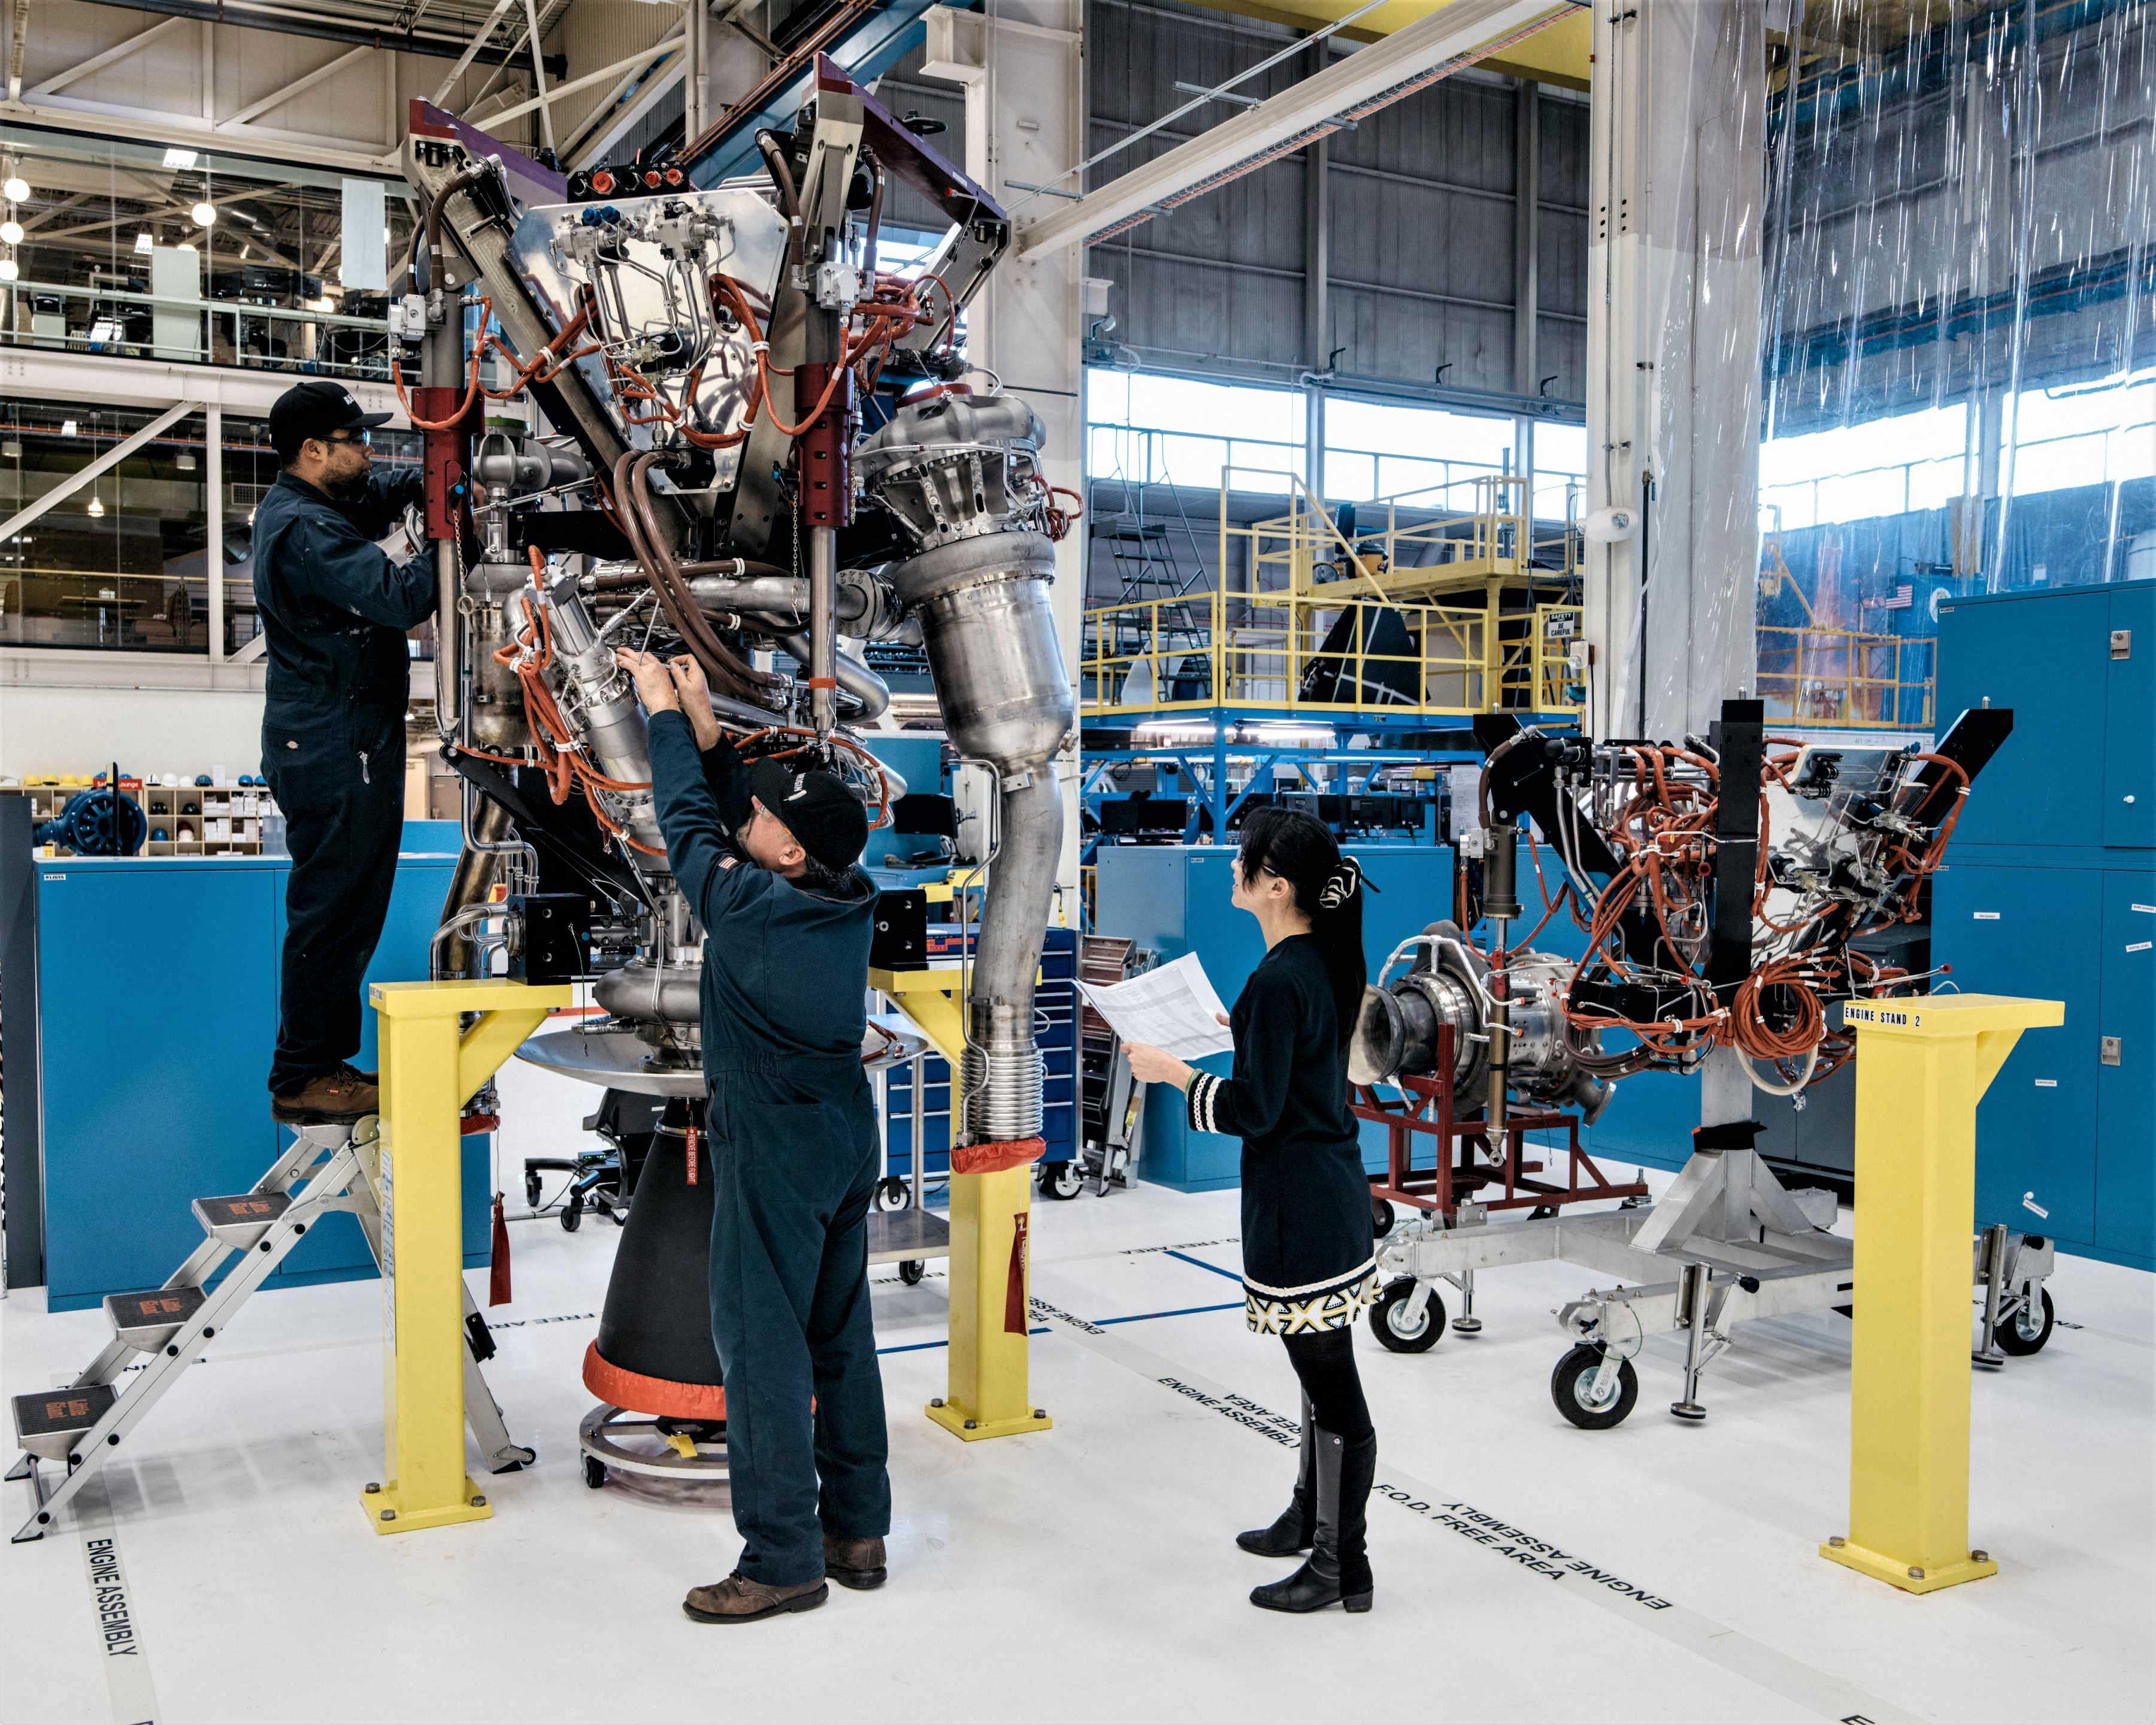 BE-3 manufacturing 2016 (Blue Origin)(c)